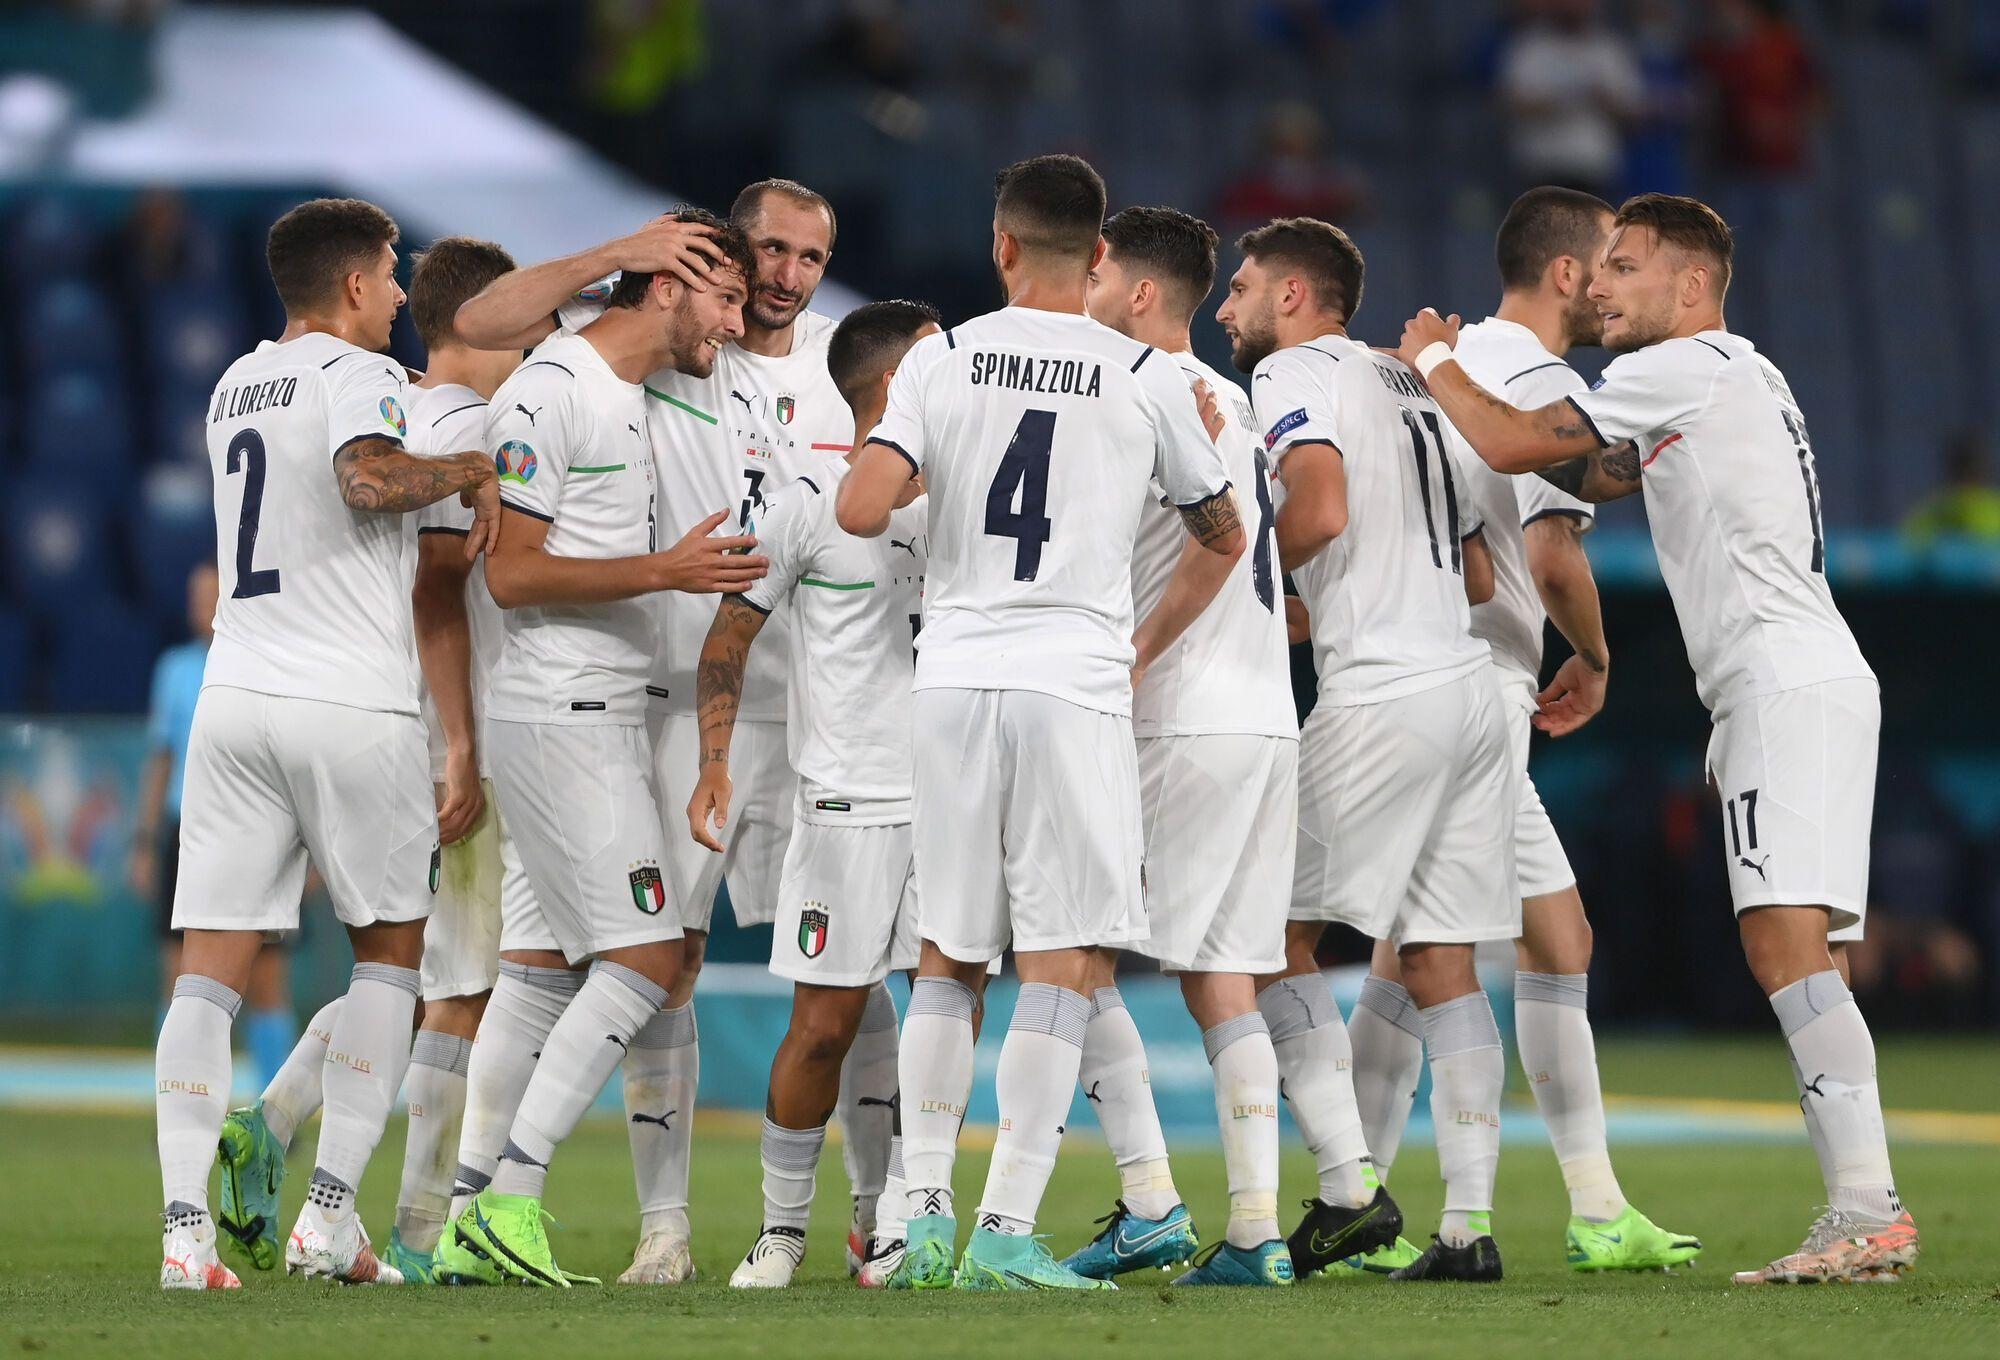 Італійці в першому матчі розгромили Туреччину.